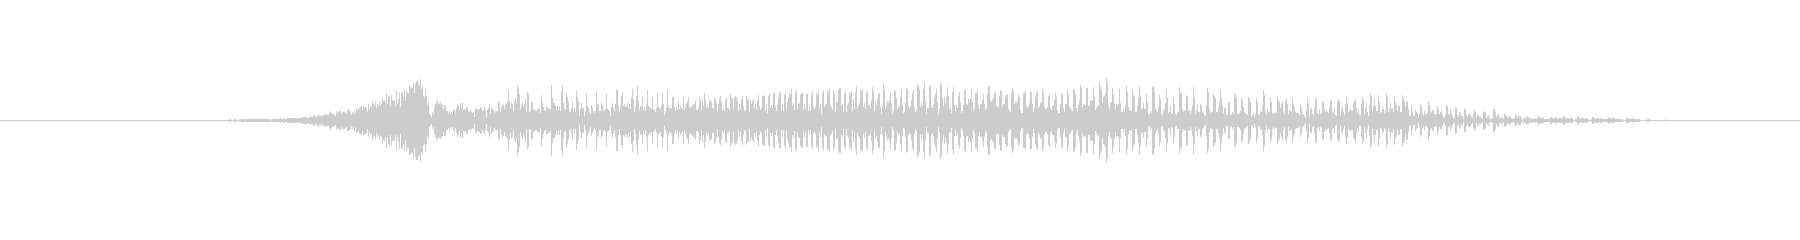 鳴き声 男性の攻撃の叫び02の未再生の波形